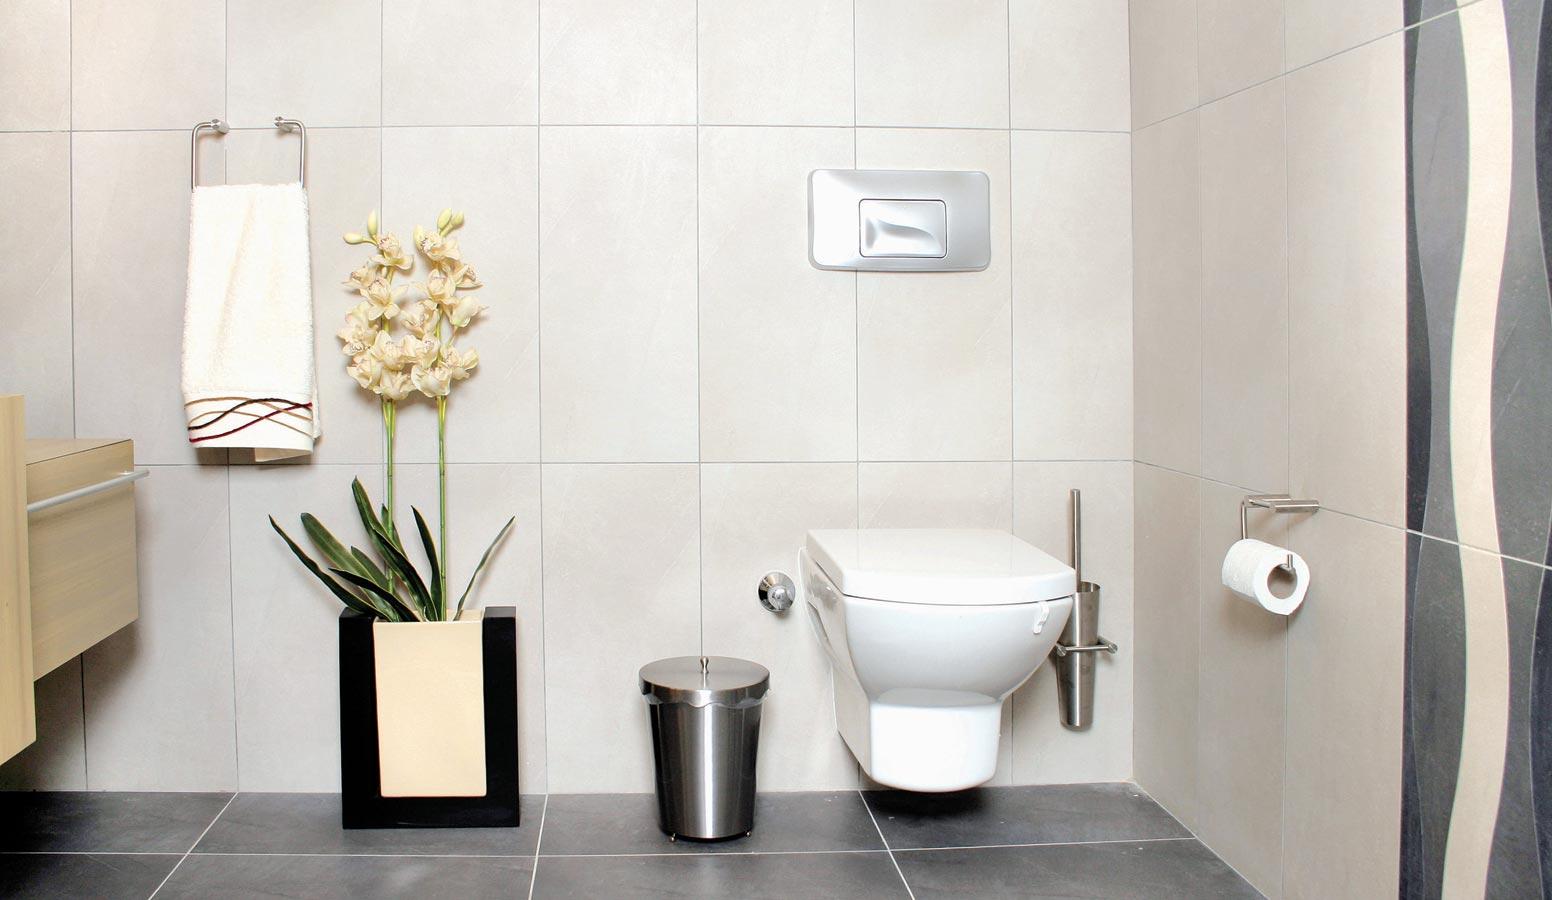 Tarancı Sitesi I & II Tuvalet